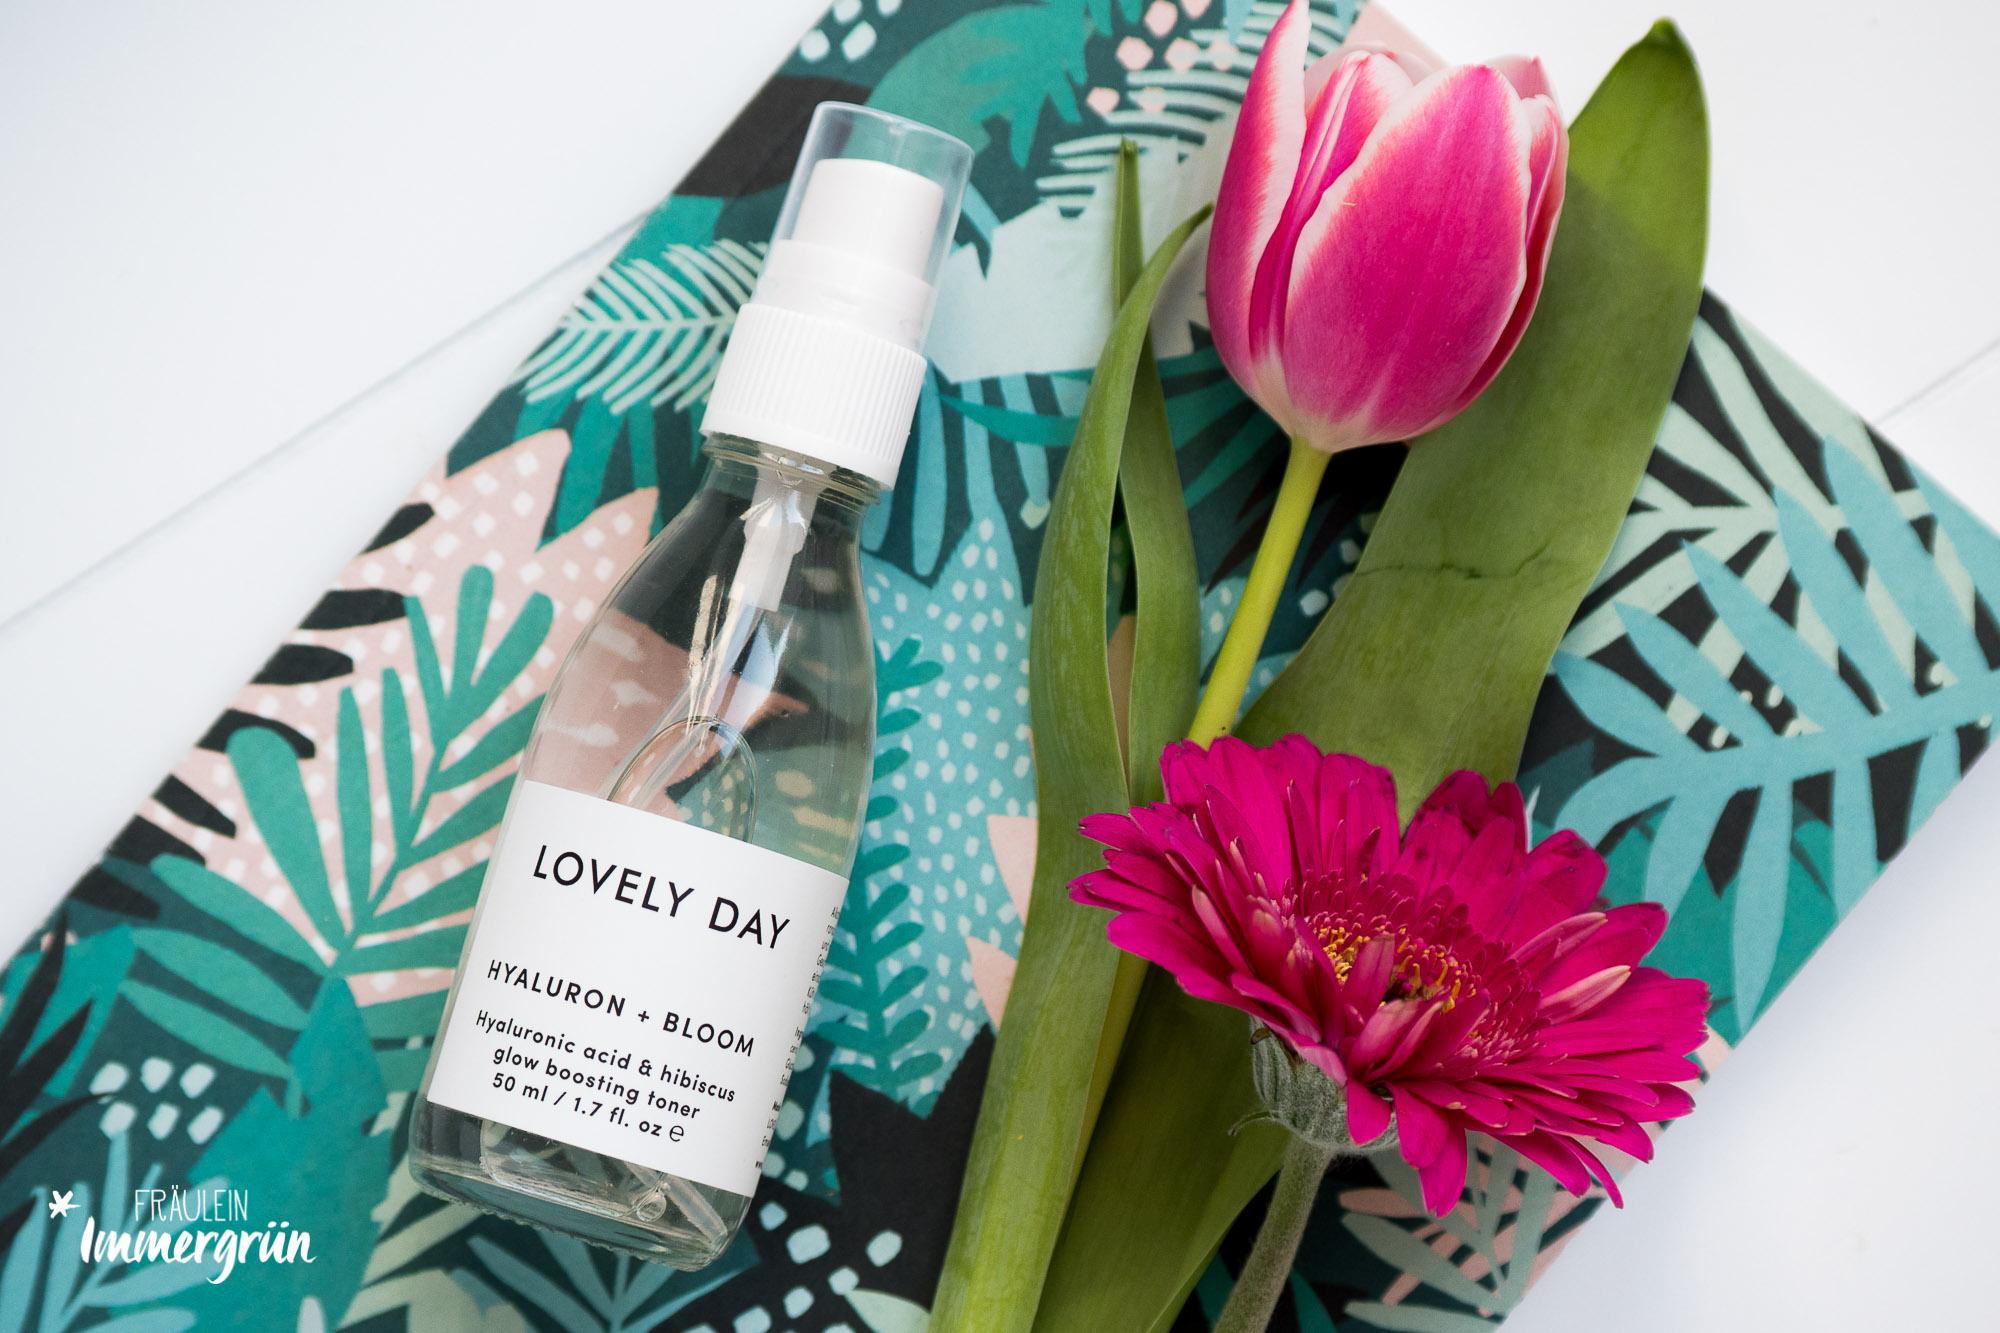 Naturkosmetik für sensible Haut: Glow und Feuchtigkeit mit Lovely Day Botanicals | Hyaluron + Bloom Face Toner | Glow Boosting Toner